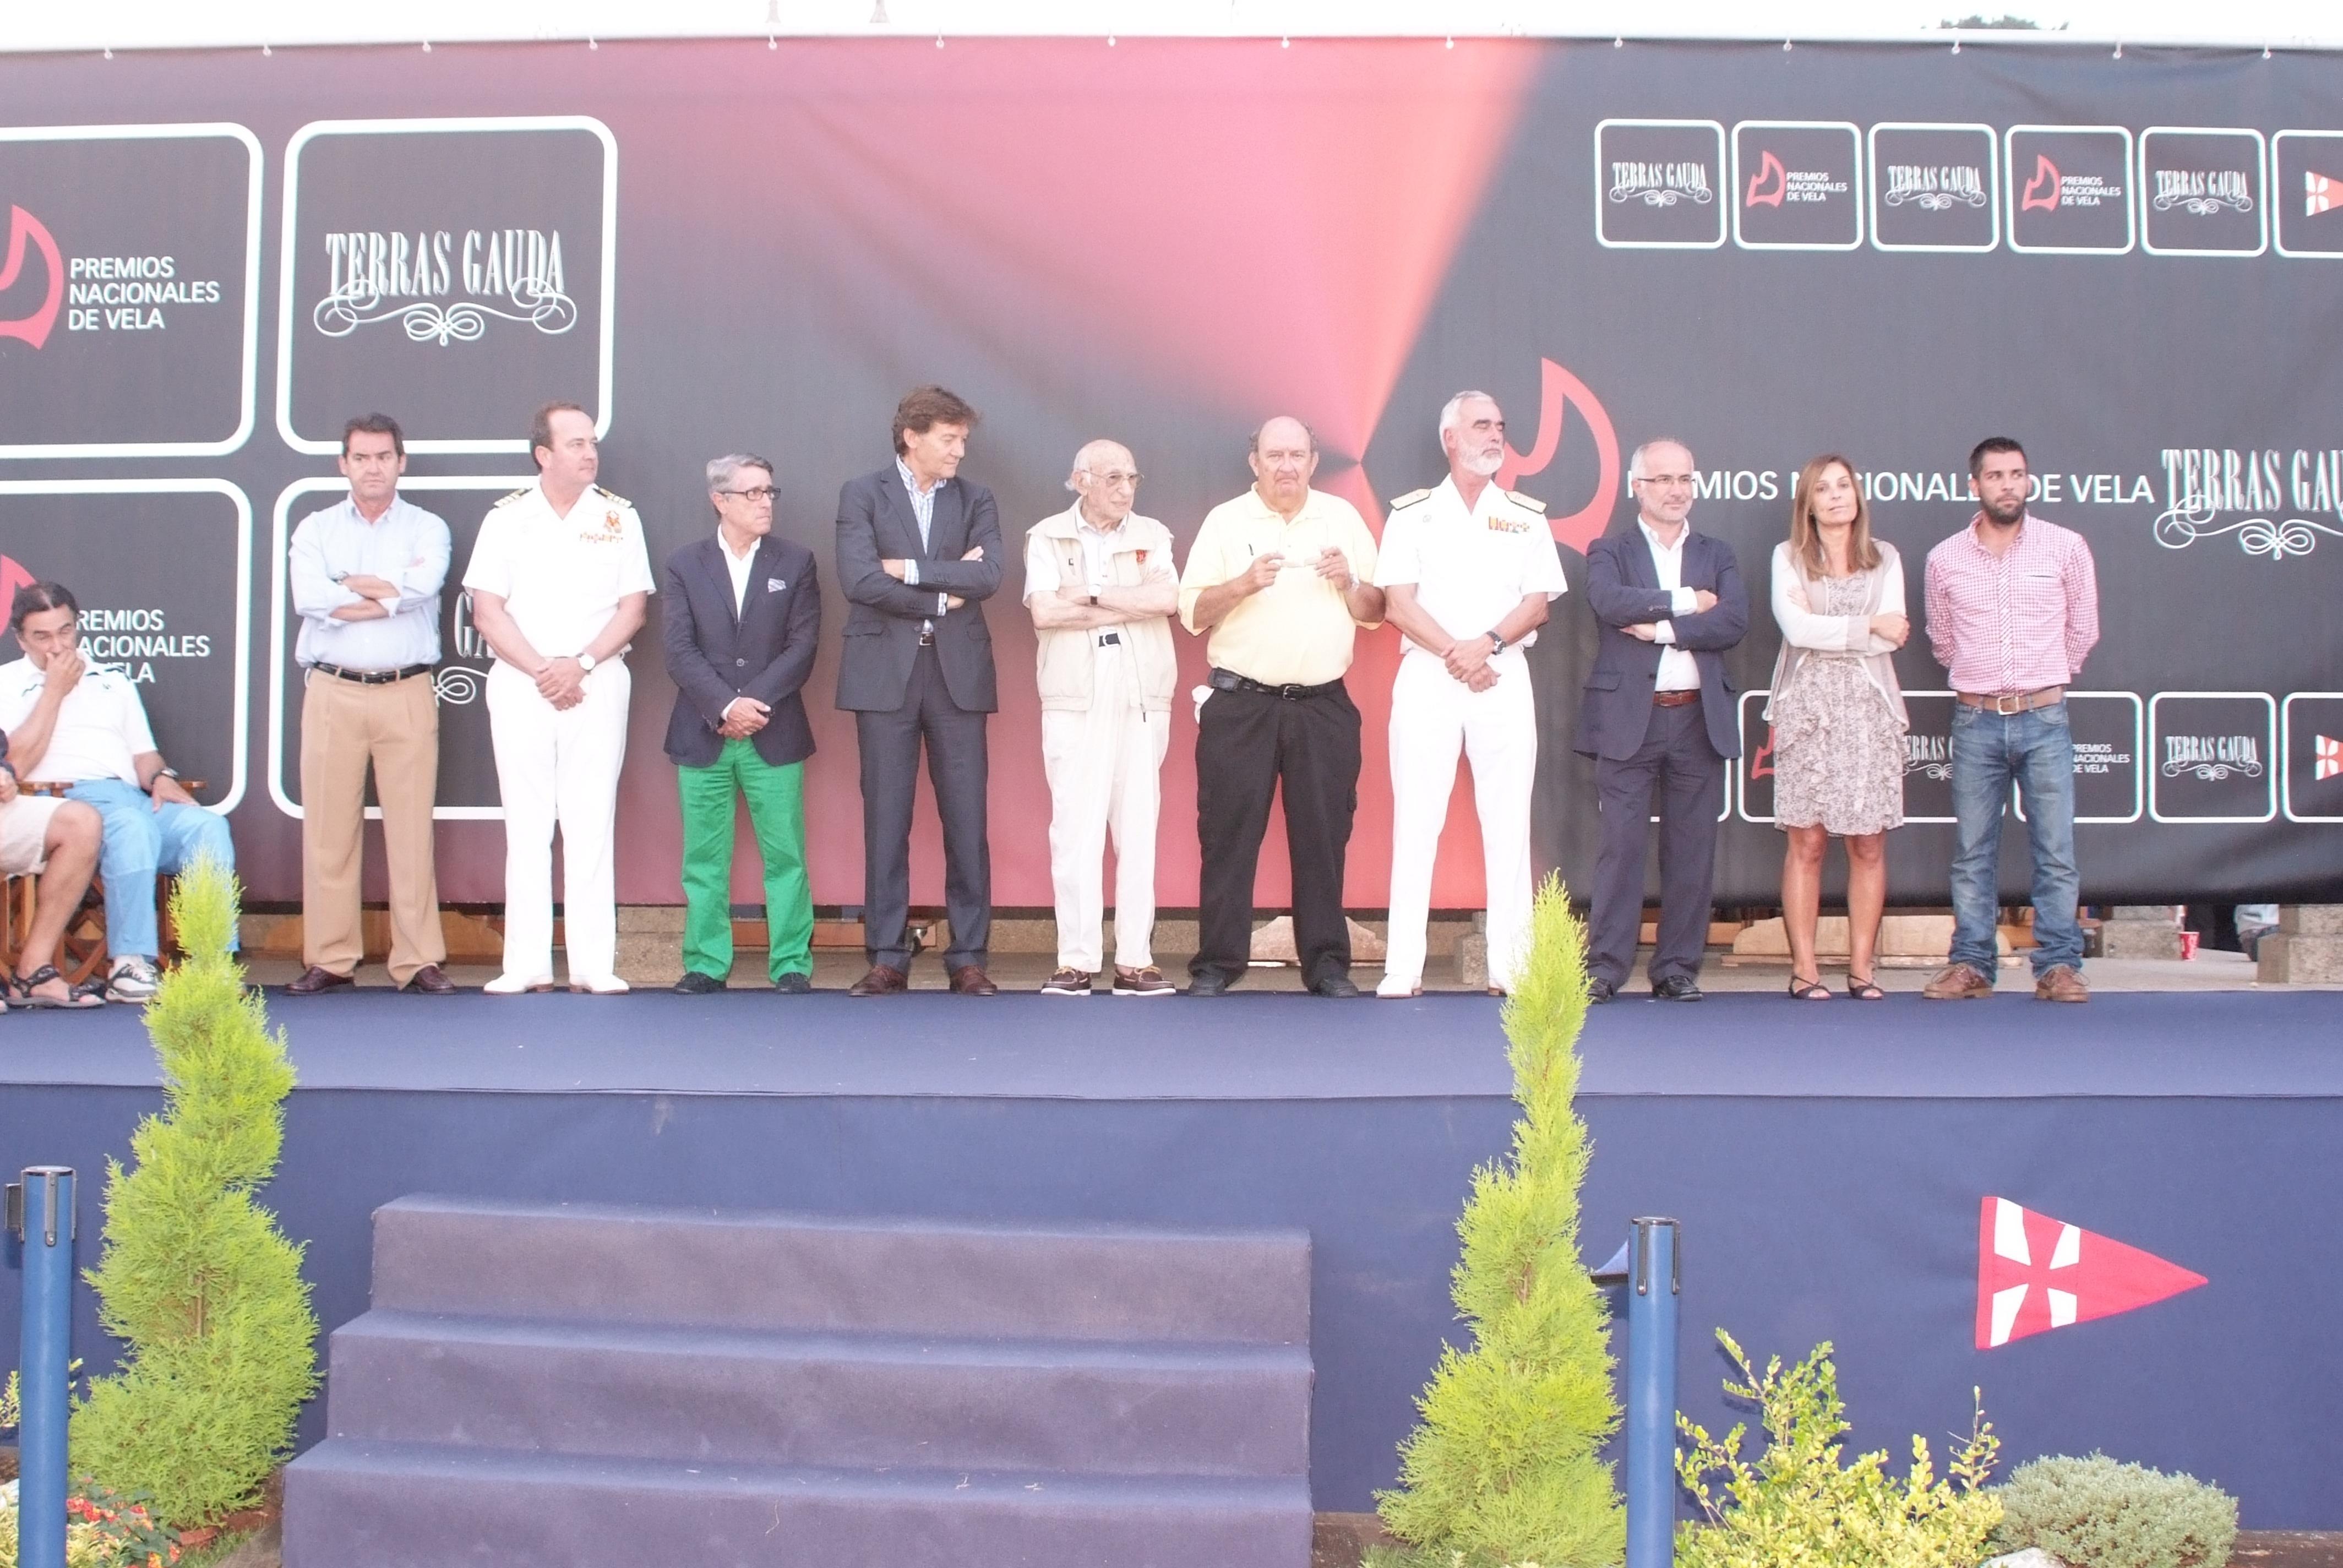 Premios Nacionales de Vela 2011.